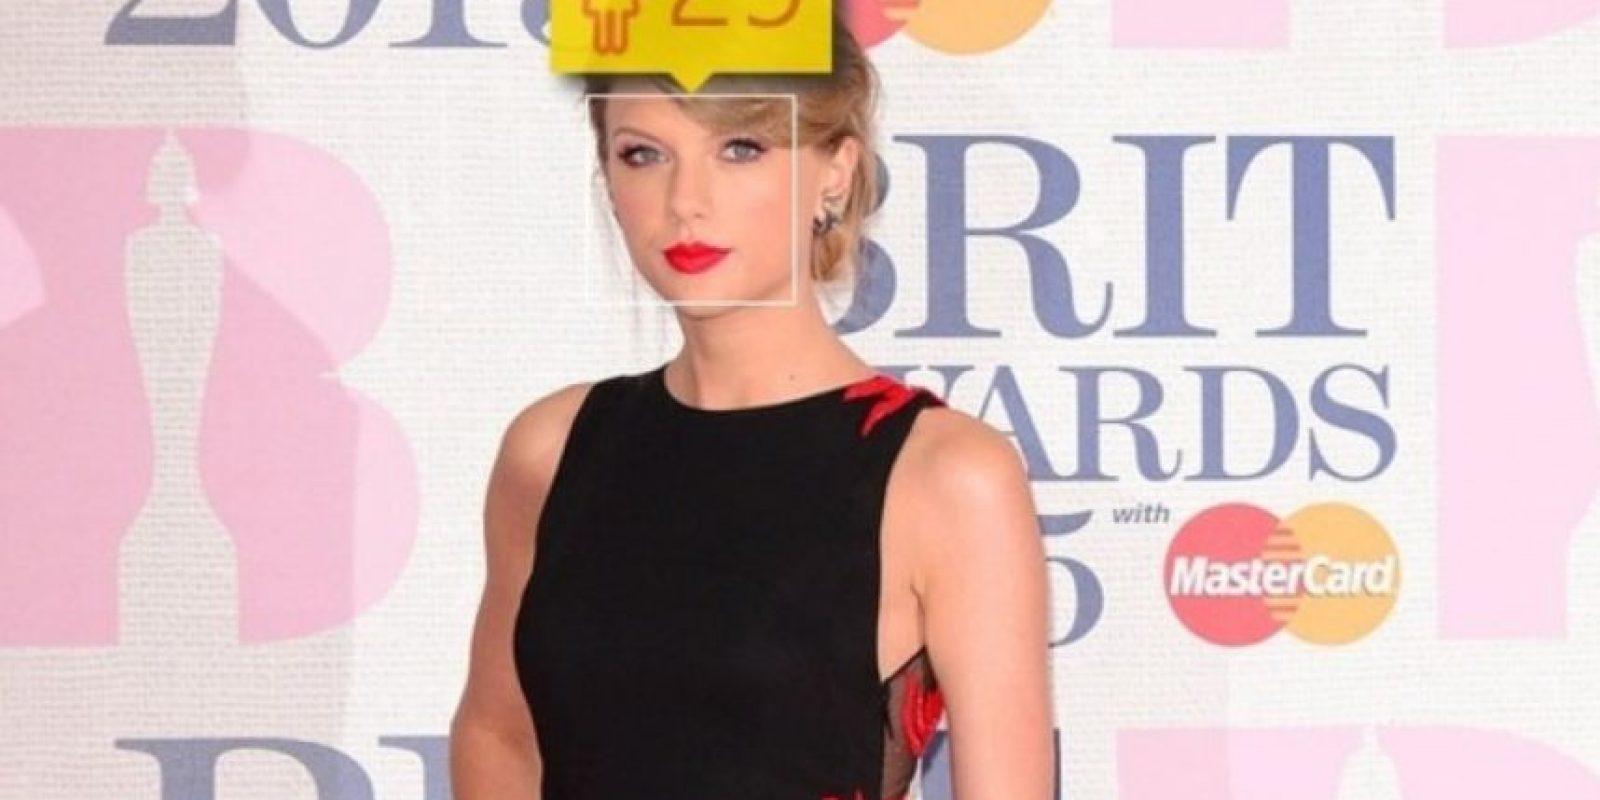 La cantante estadounidense Taylor Swift sí tiene 25 años de edad. Foto:how-old.net